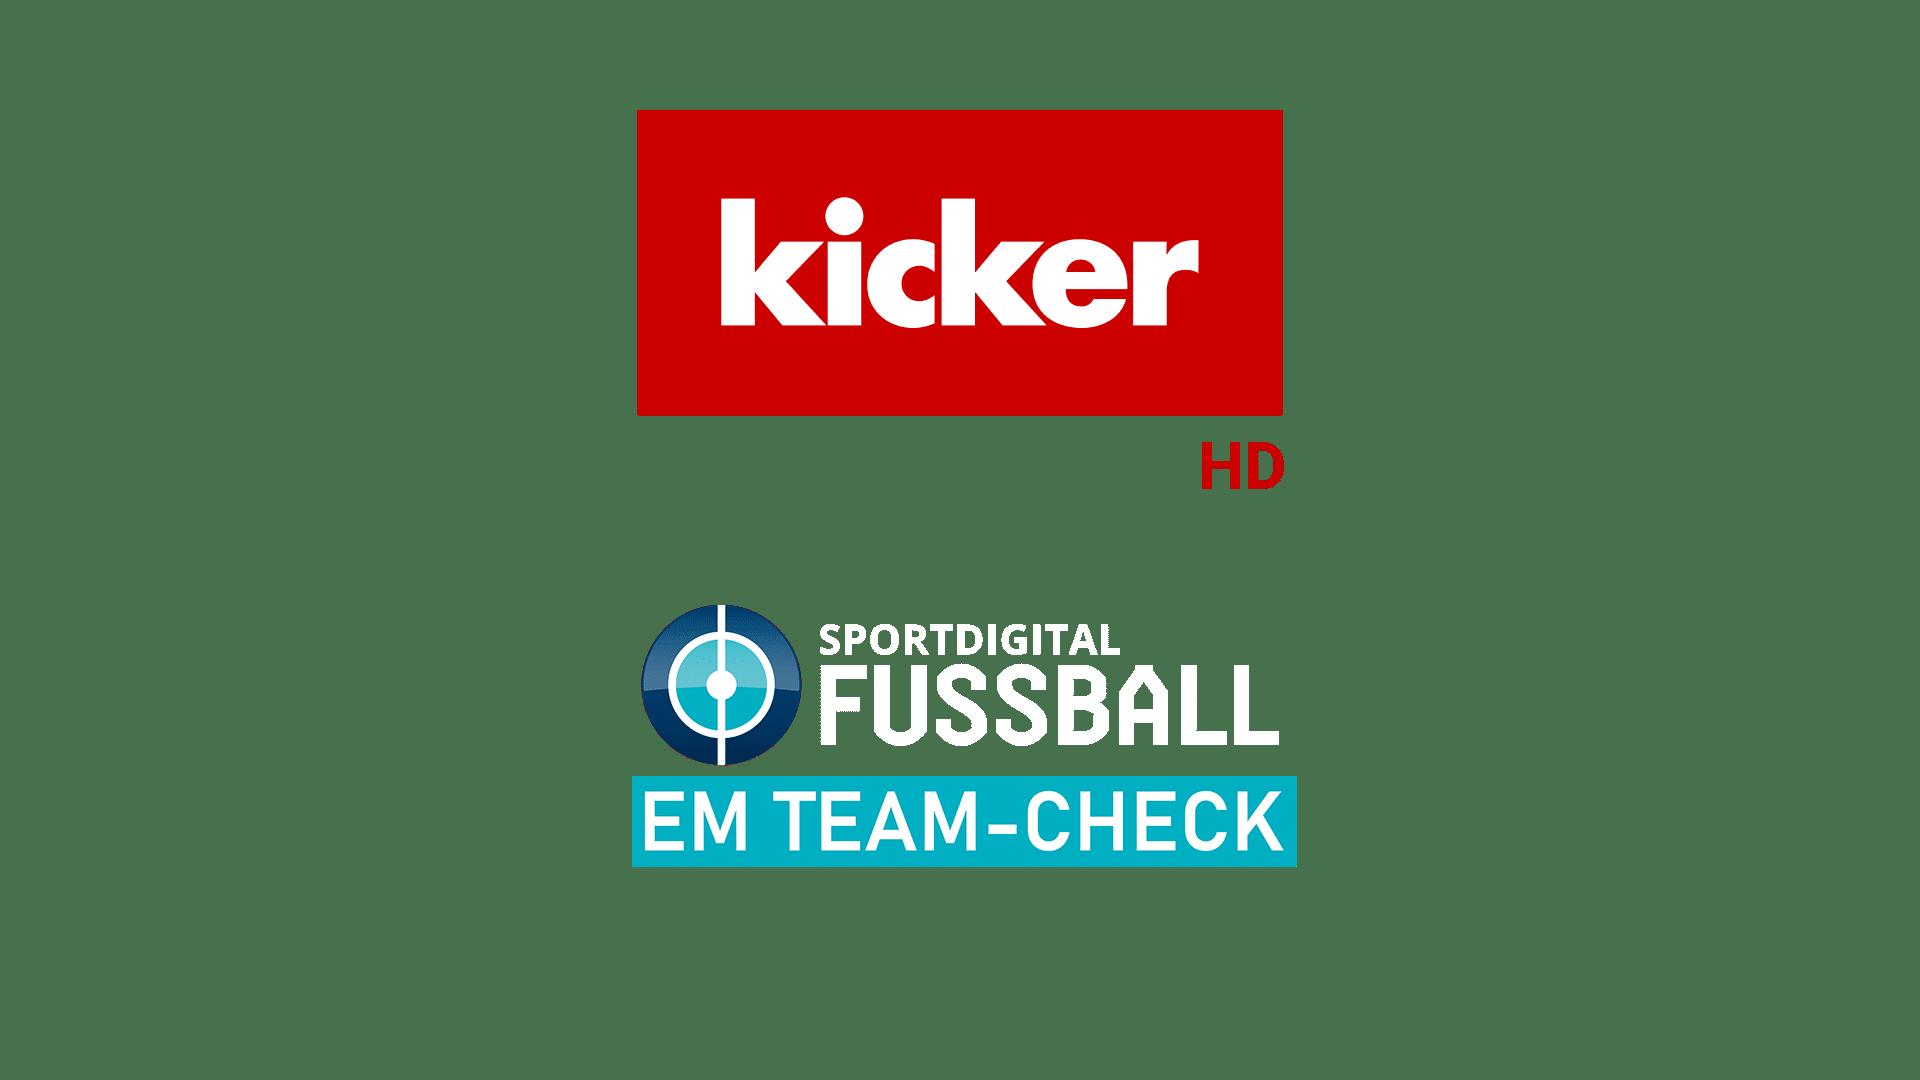 Die Sender kicker TV und sportdigital Fussball fassen die EM 2021 zusammen